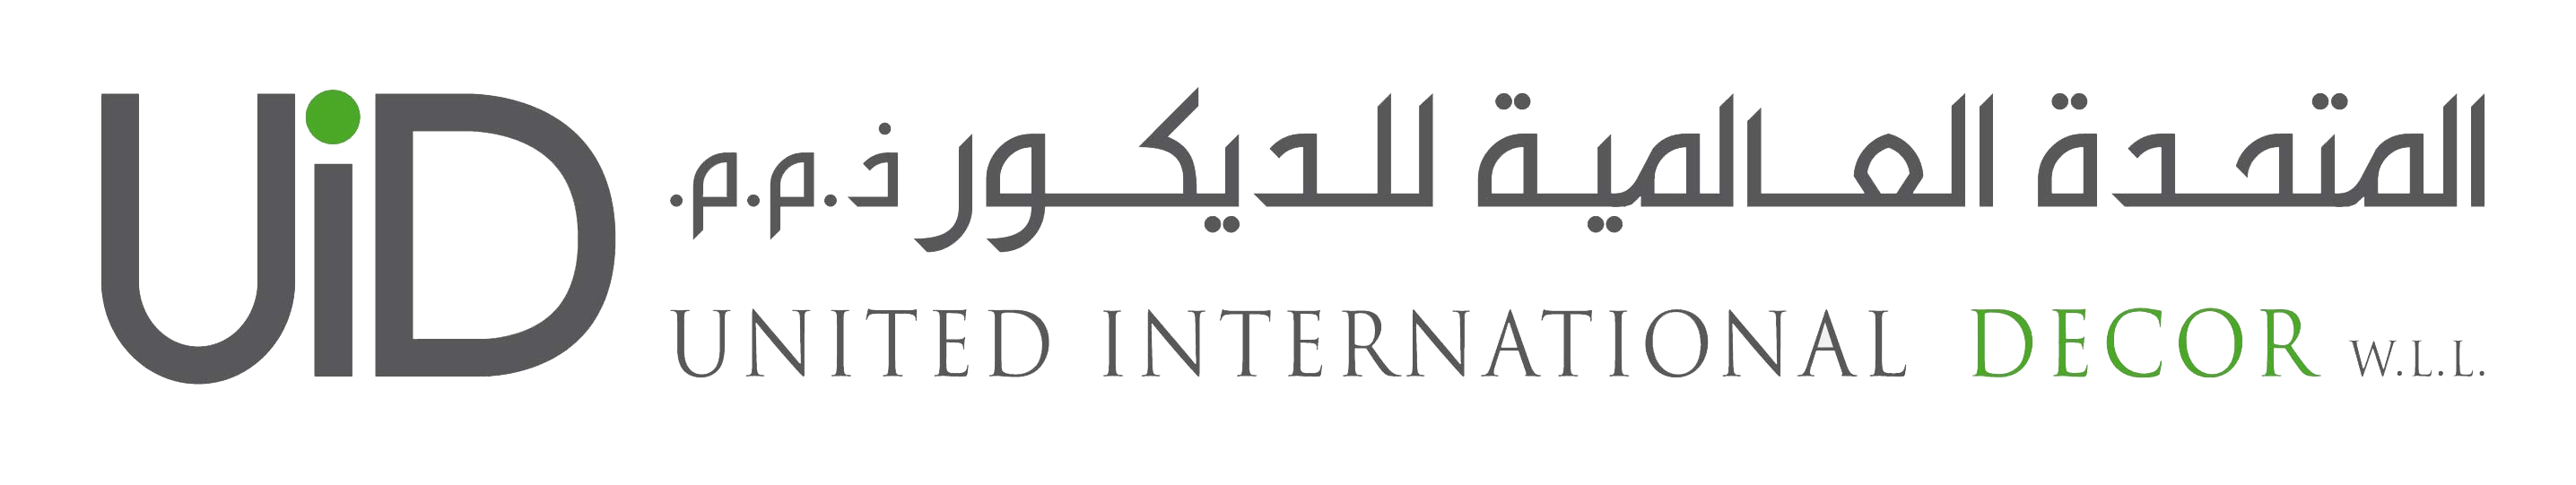 uid w arabic